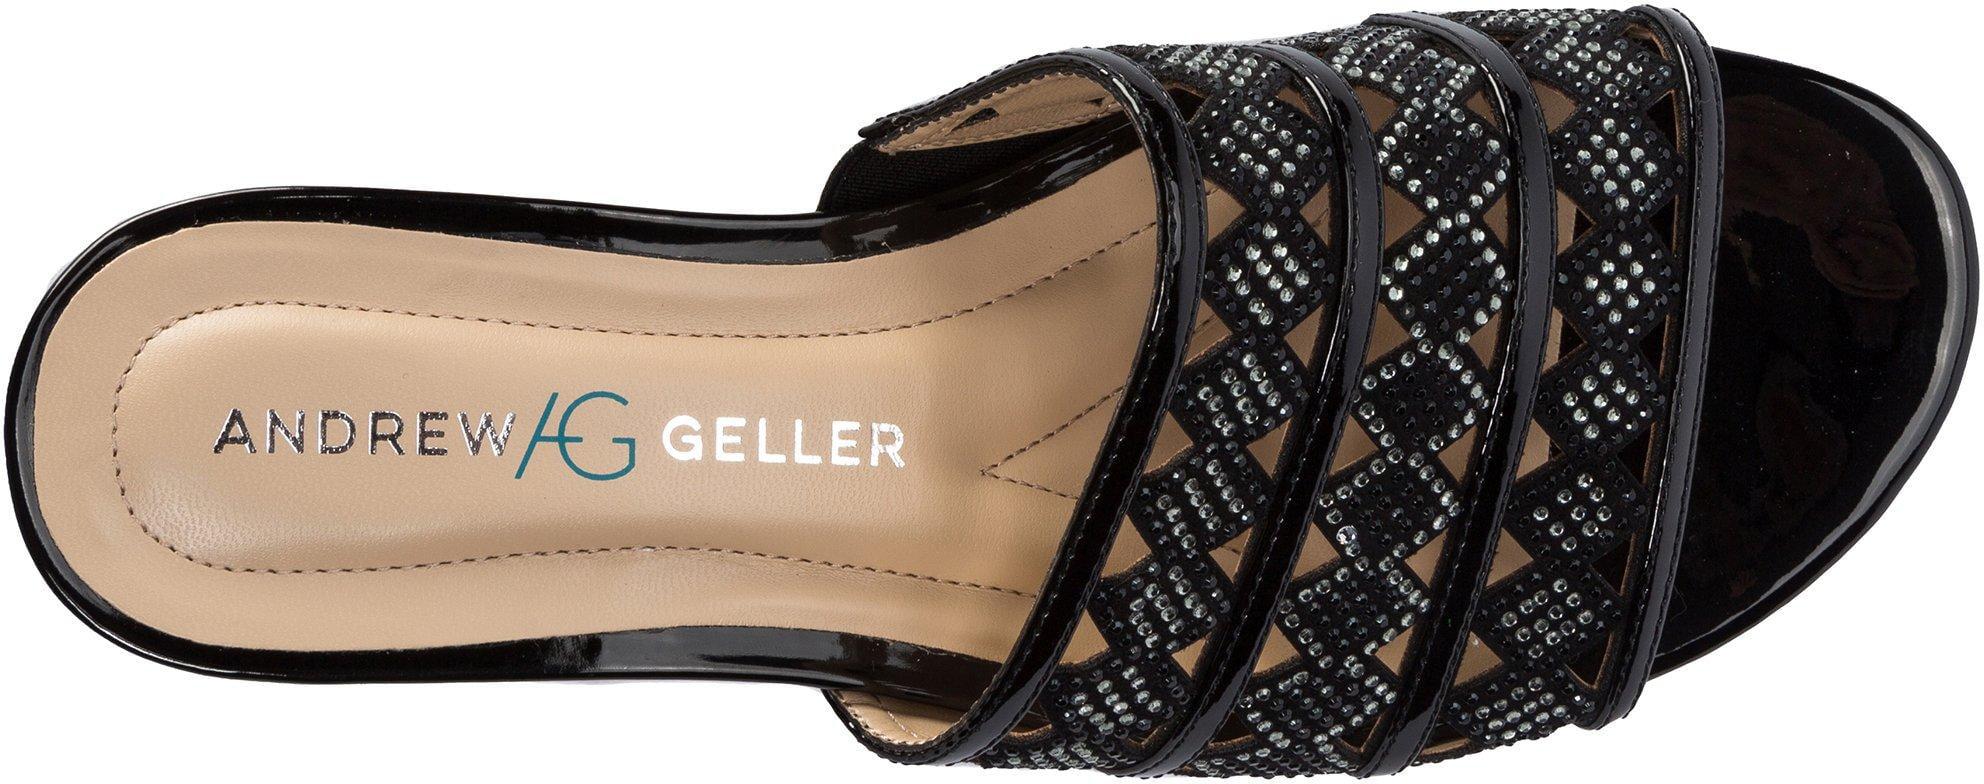 Andrew Geller Womens Idonna Sandals 7.5 Black